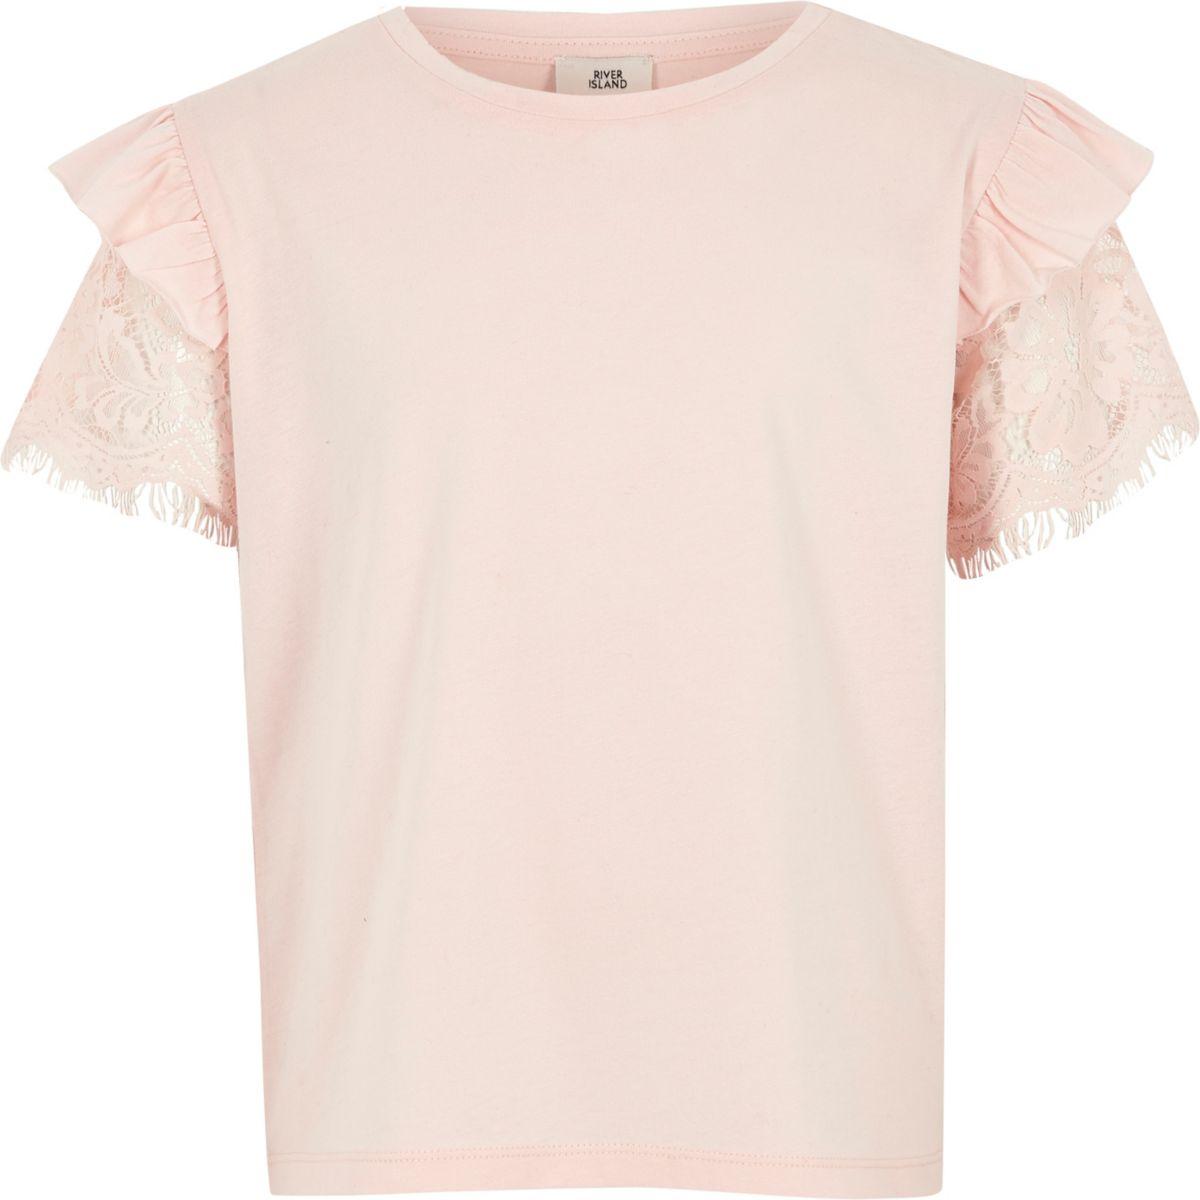 T-shirt rose à volants et manches courtes en dentelle pour fille